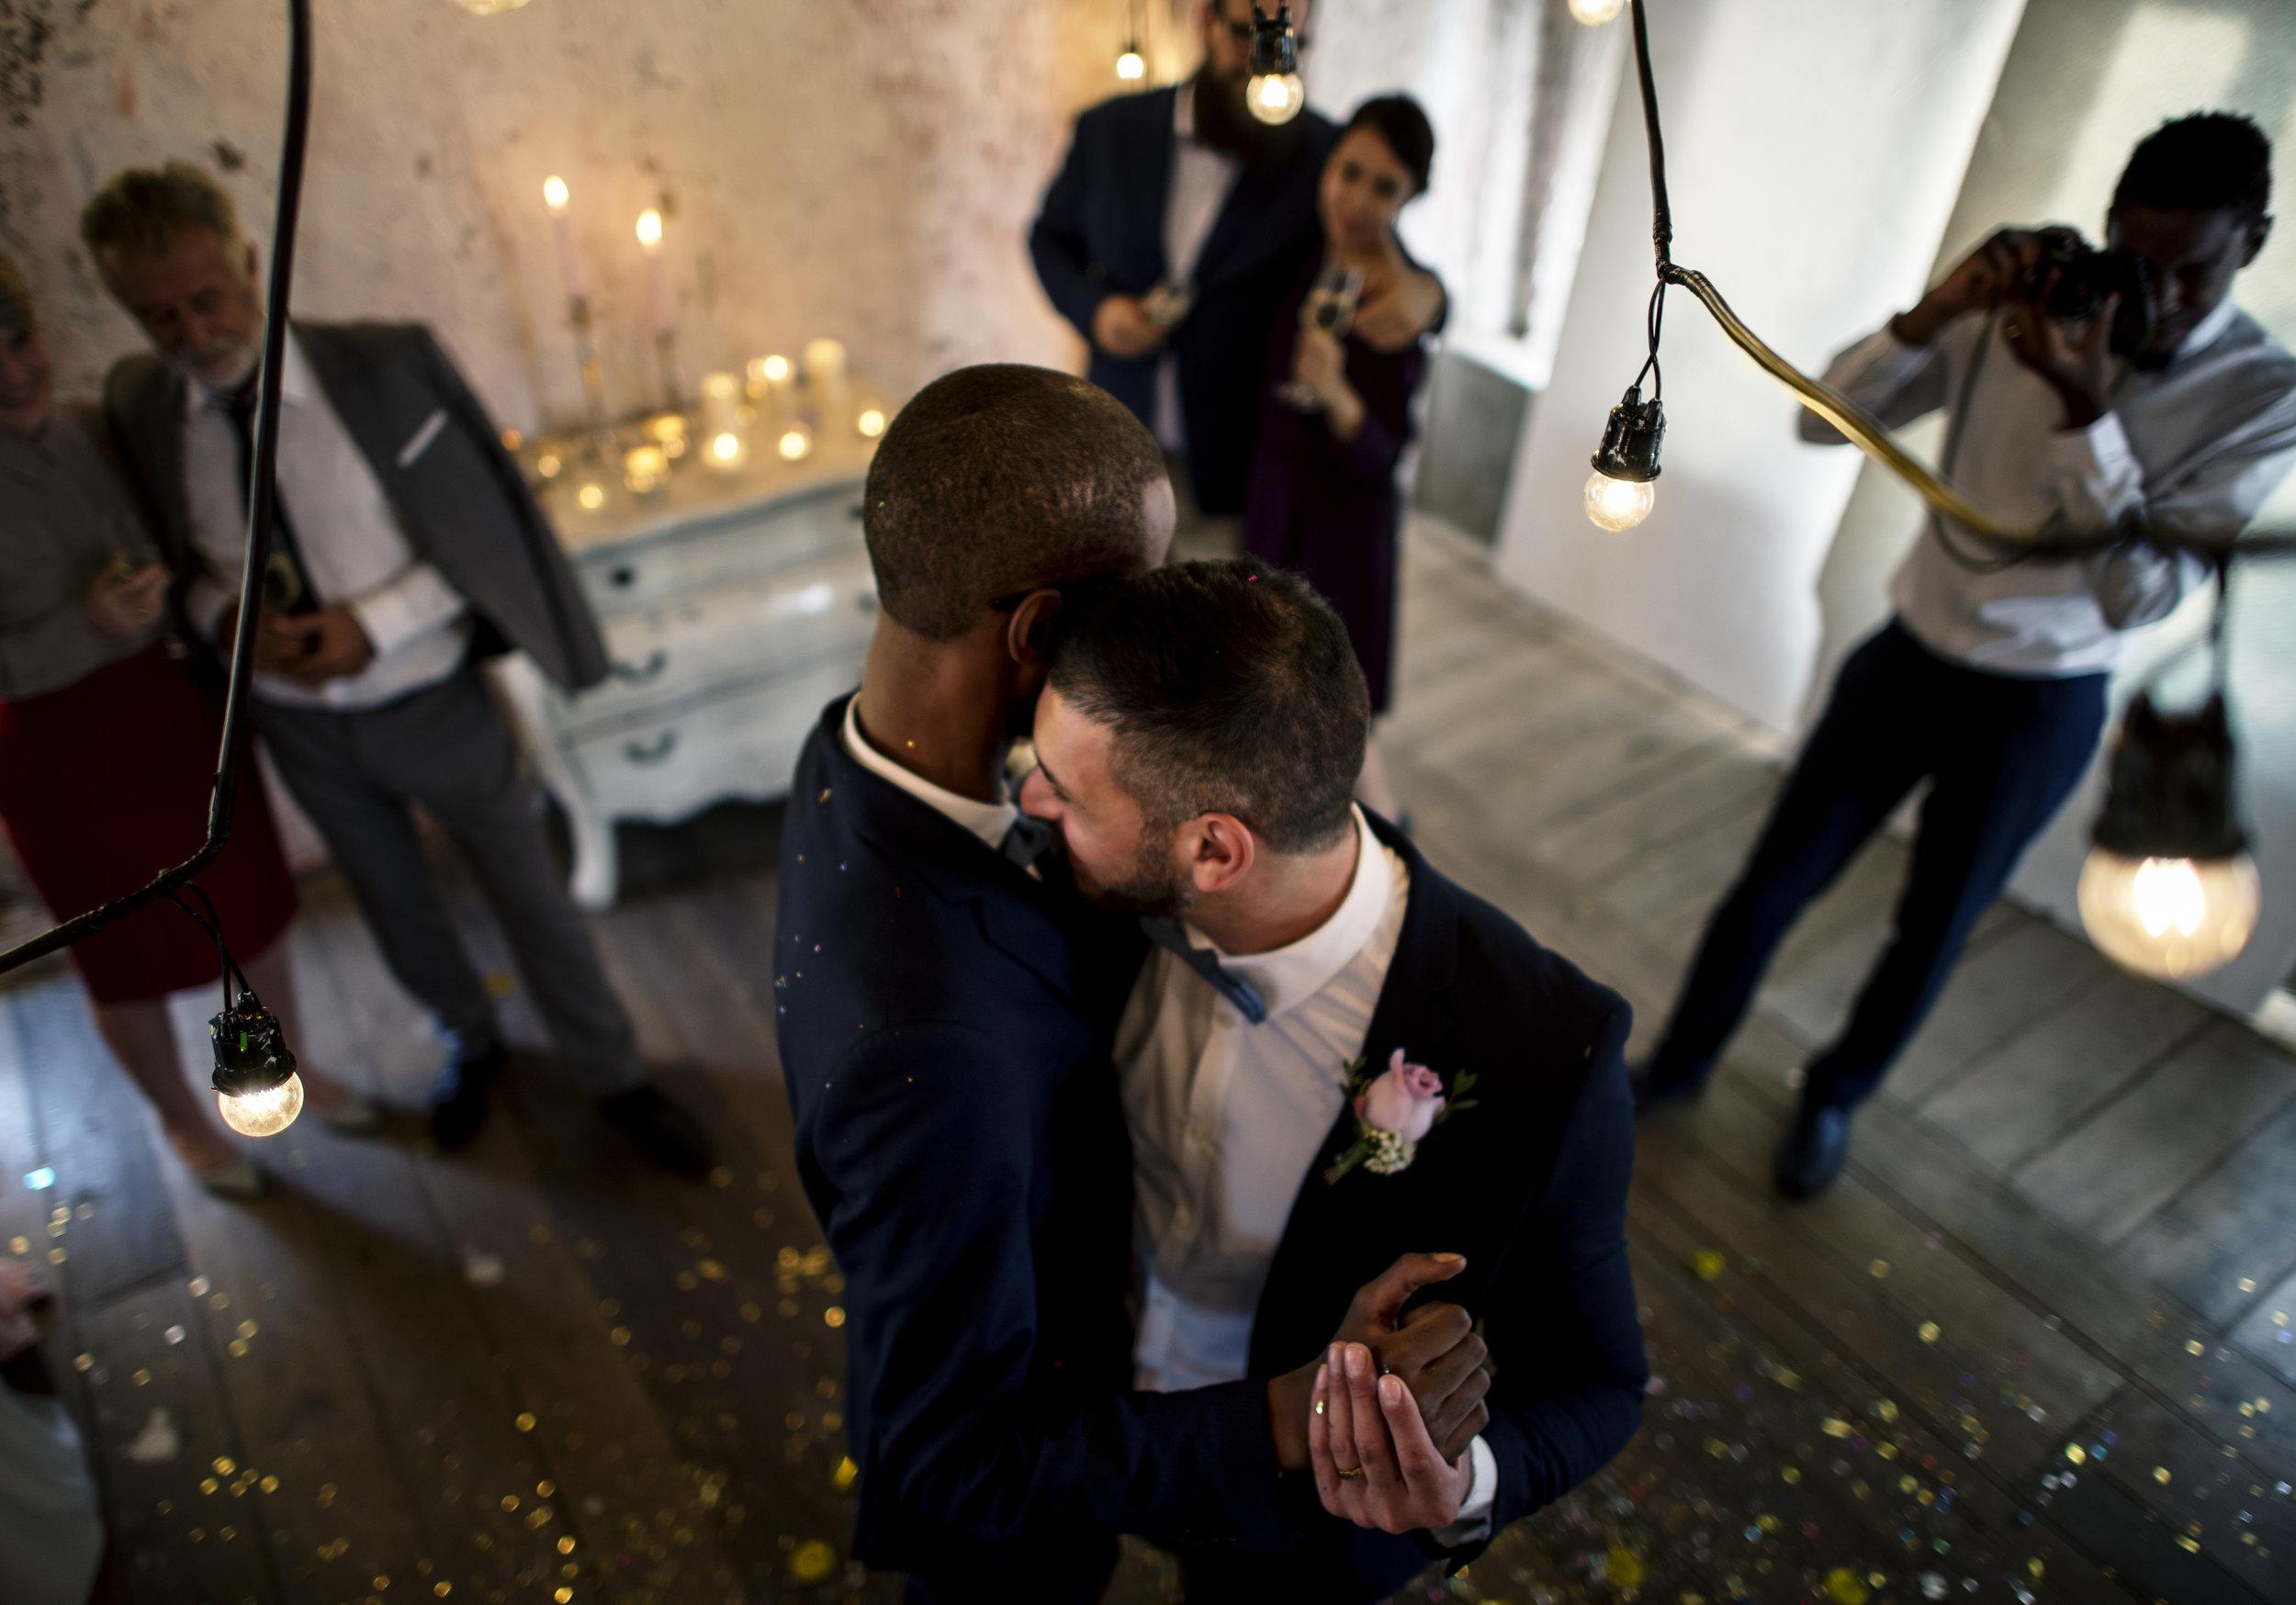 newlywed-gay-couple-dancing-on-wedding-PUXPMW7.jpg